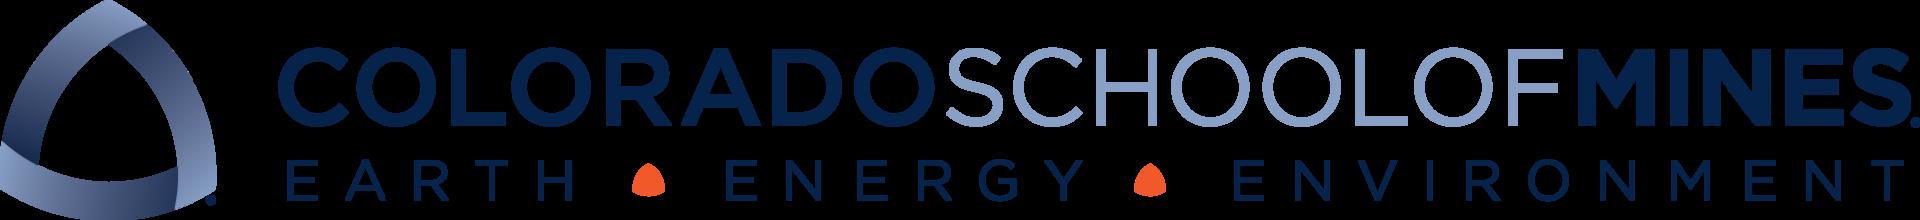 Logo for Colorado School of Mines